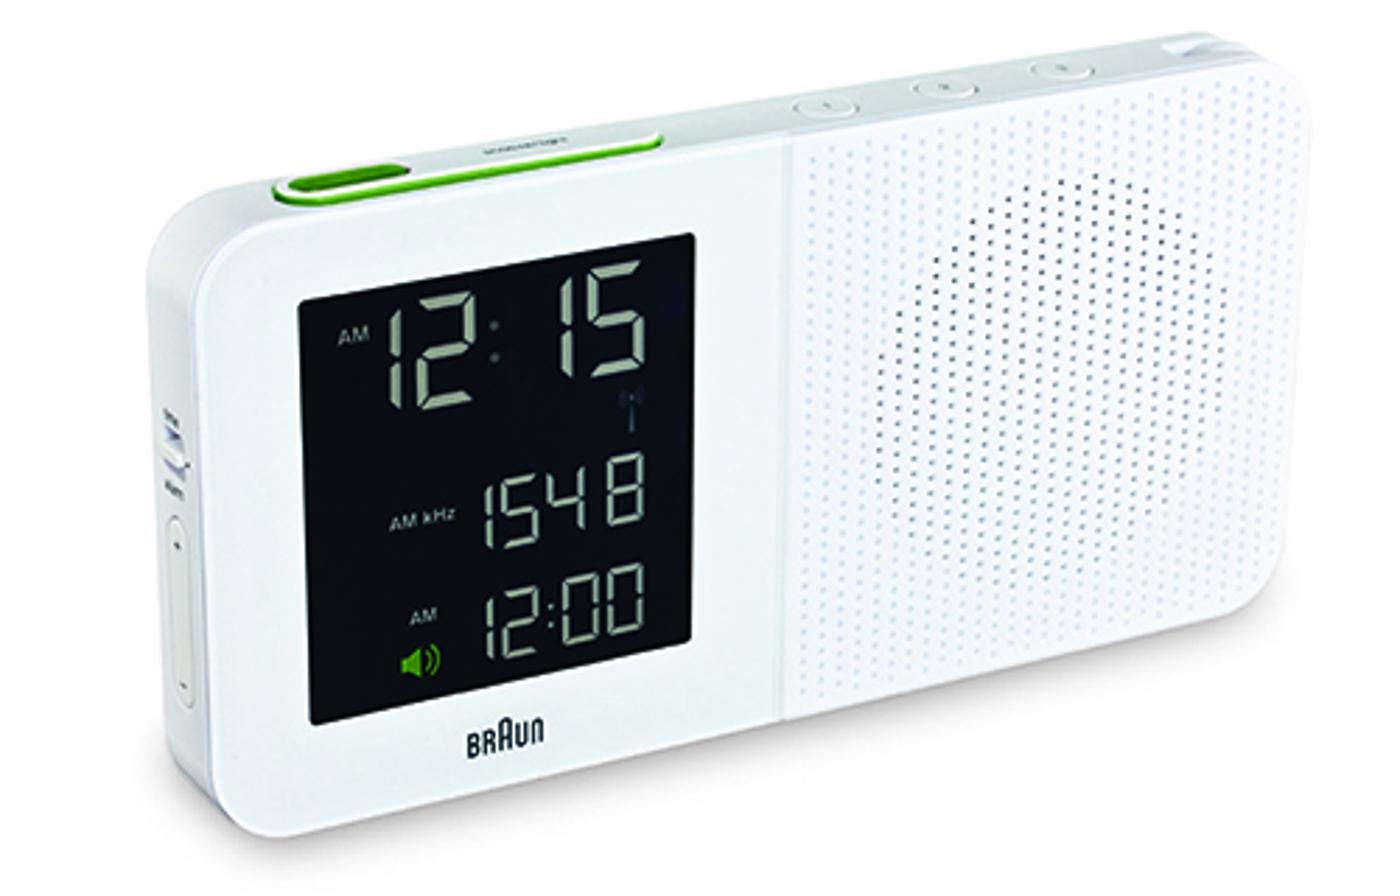 braun radiowecker weiss wecker funkwecker uhr radio. Black Bedroom Furniture Sets. Home Design Ideas